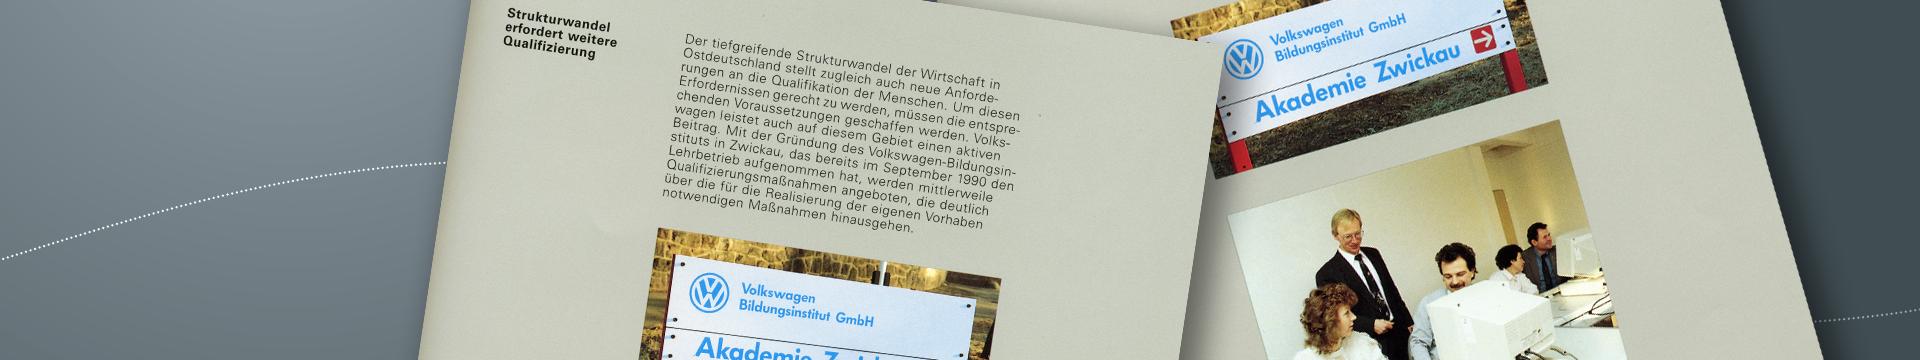 Volkswagen Bildungsinstitut GmbH: Chronik